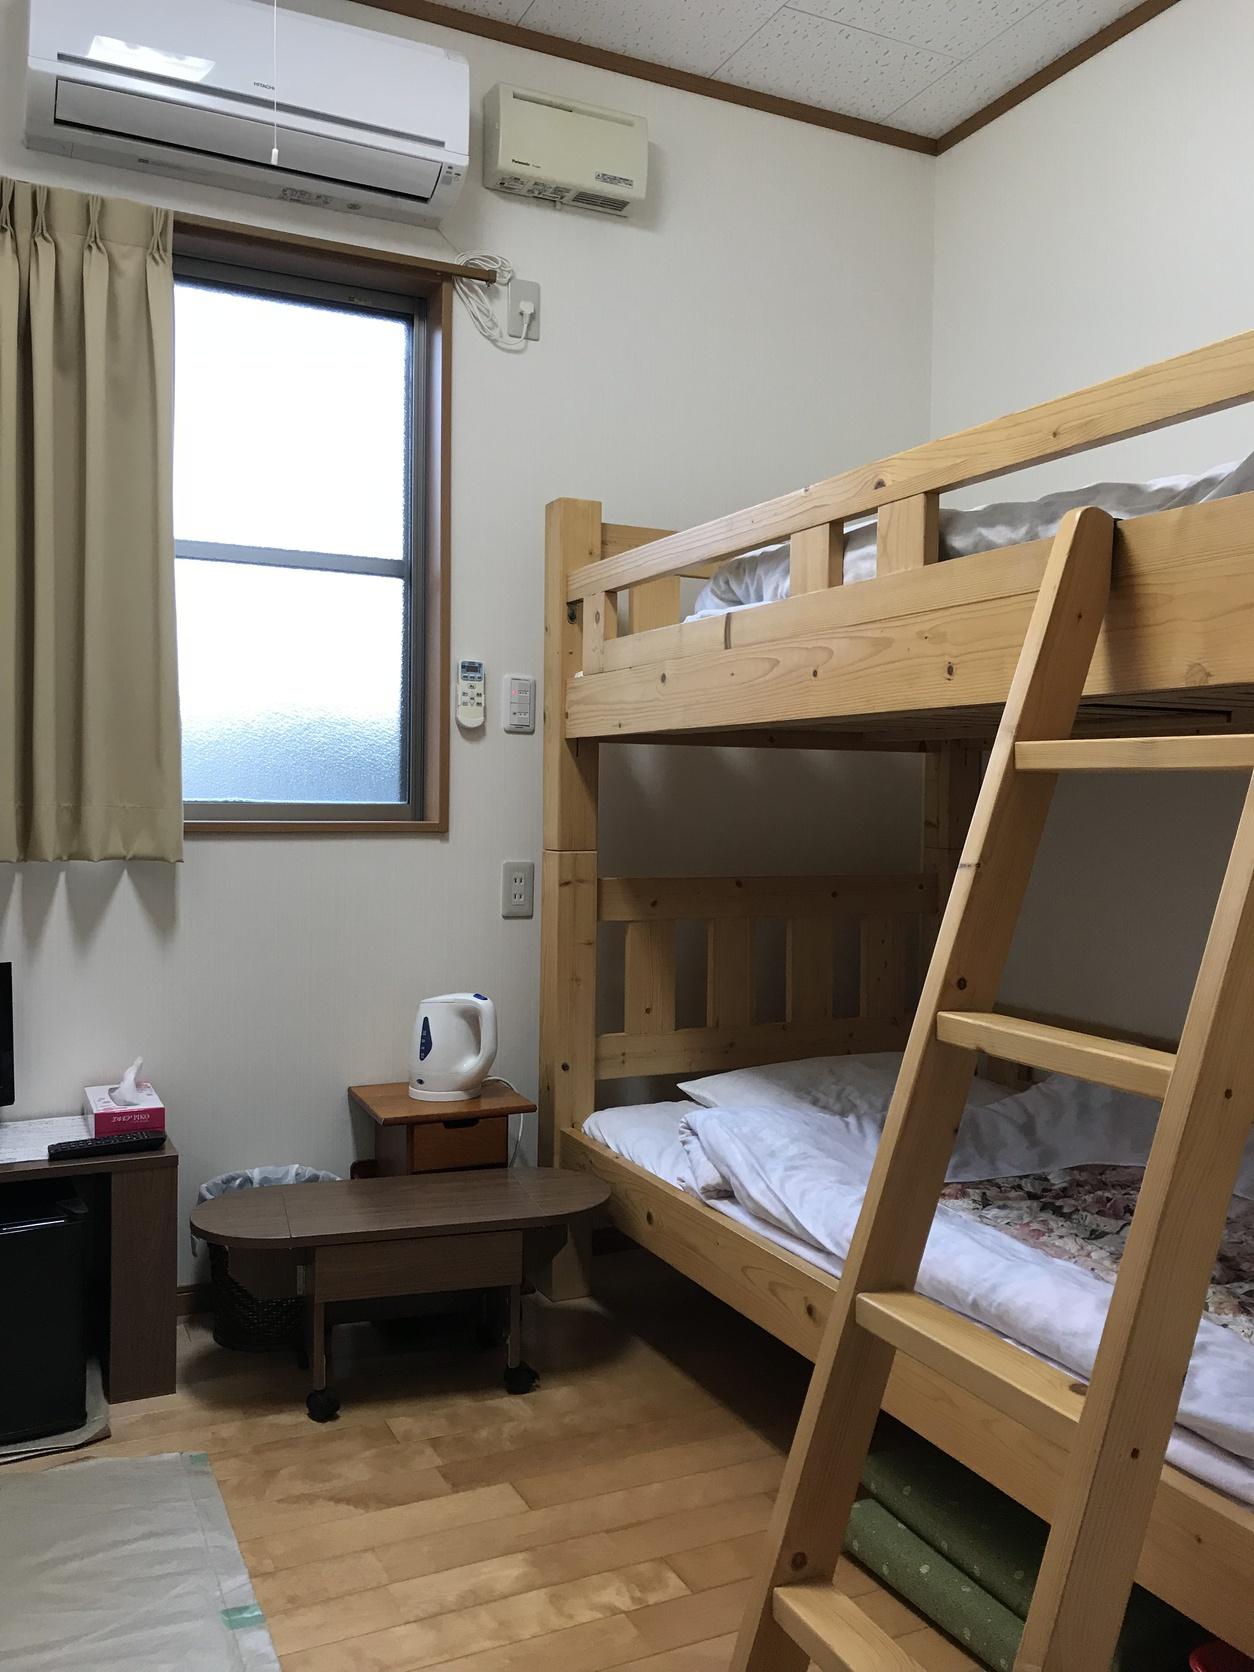 民宿 トロッコの宿 <屋久島> image